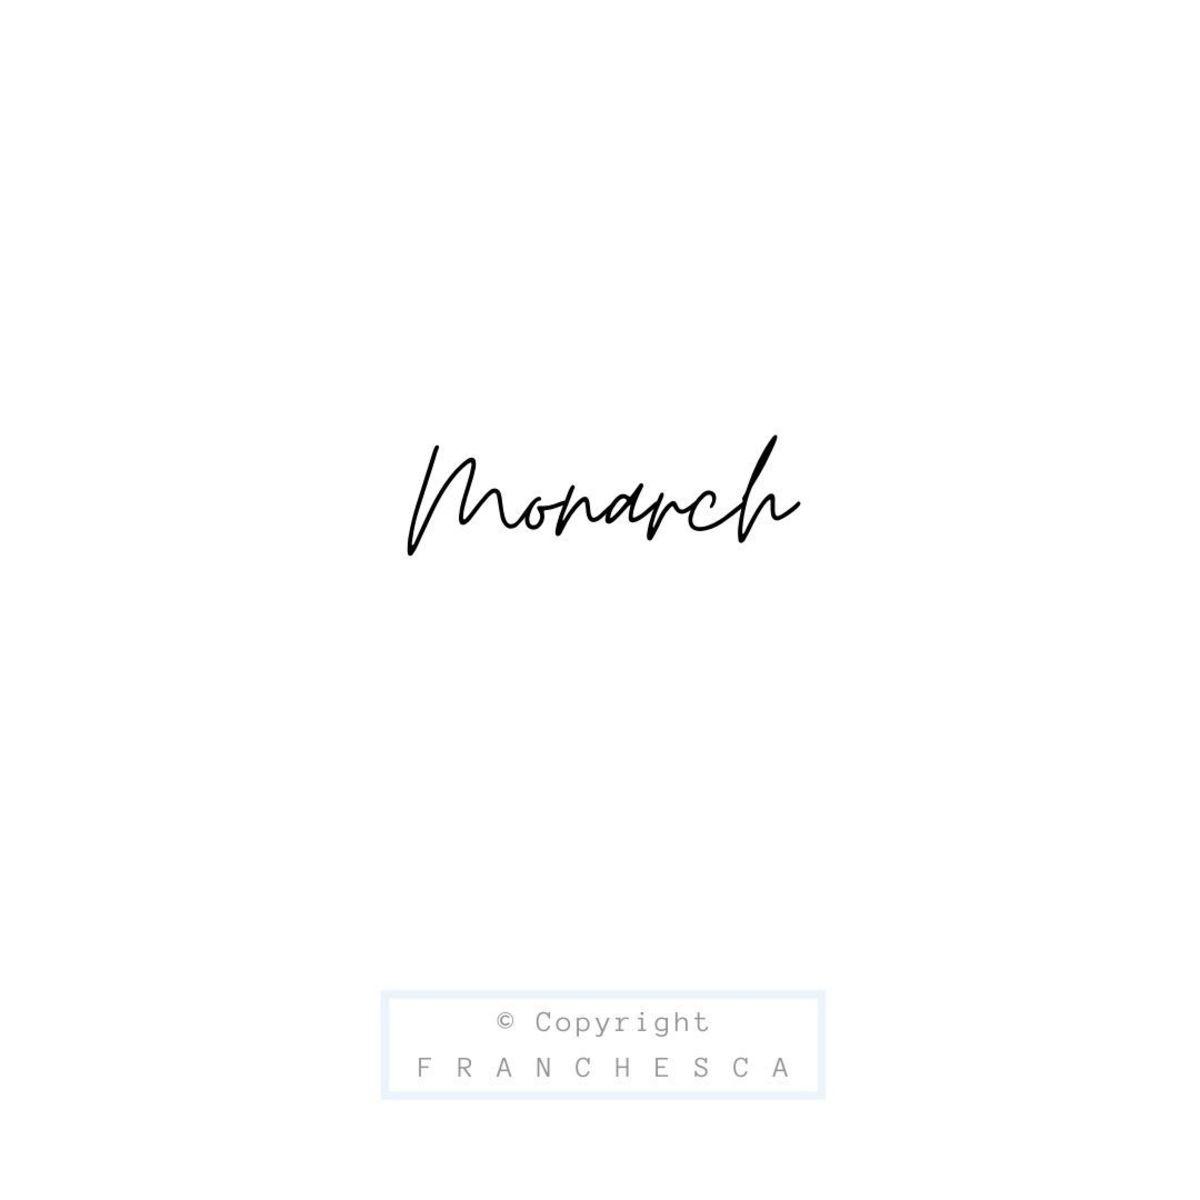 191st-article-monarch